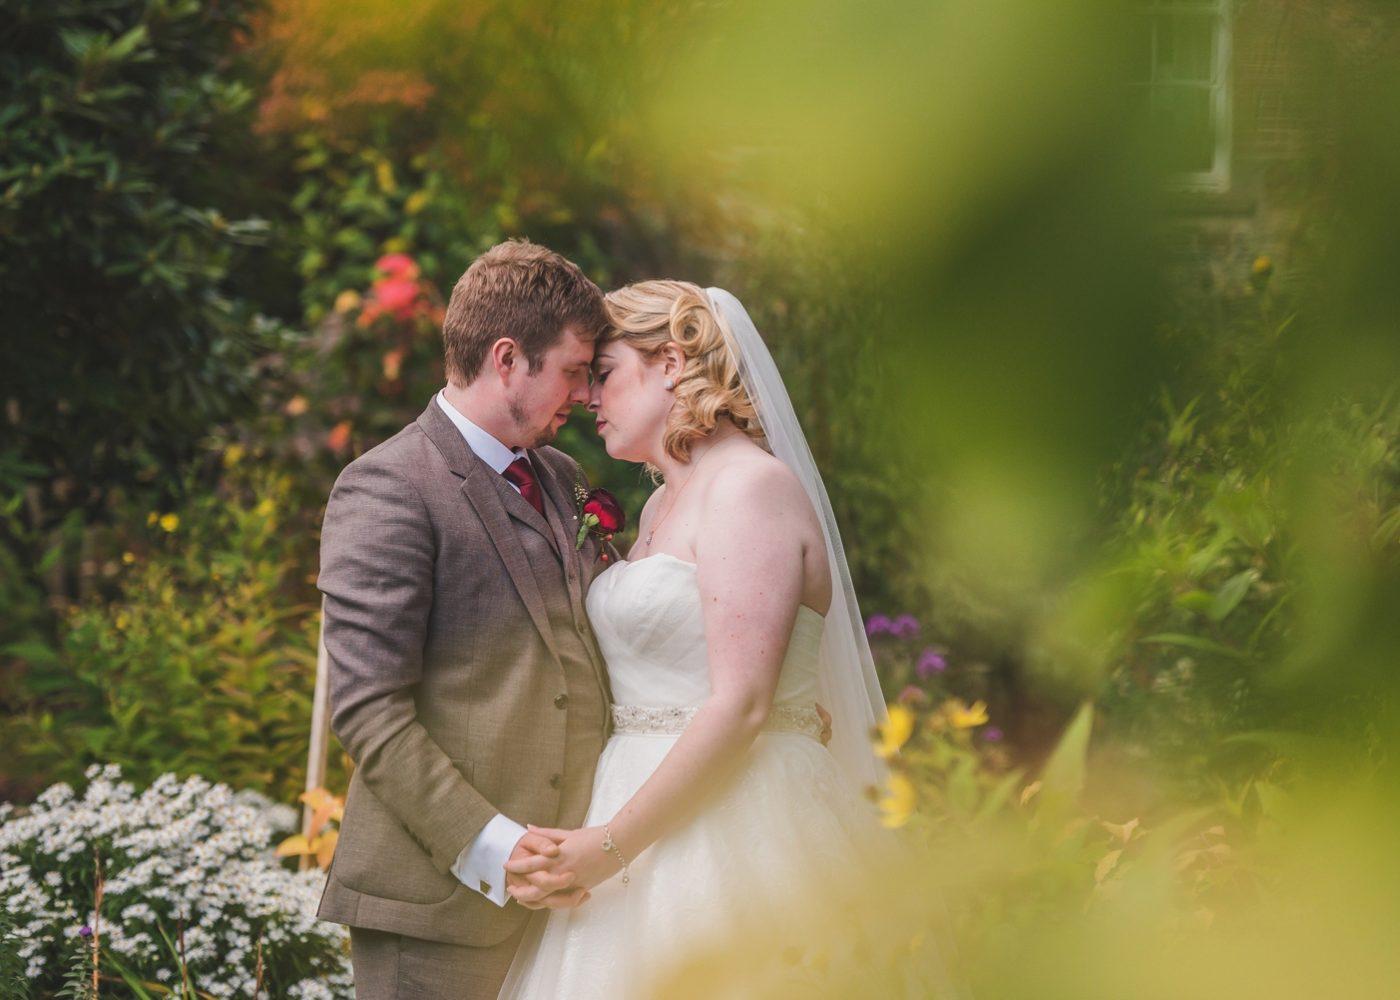 Walcot Hall Wedding | Jess & Ollie